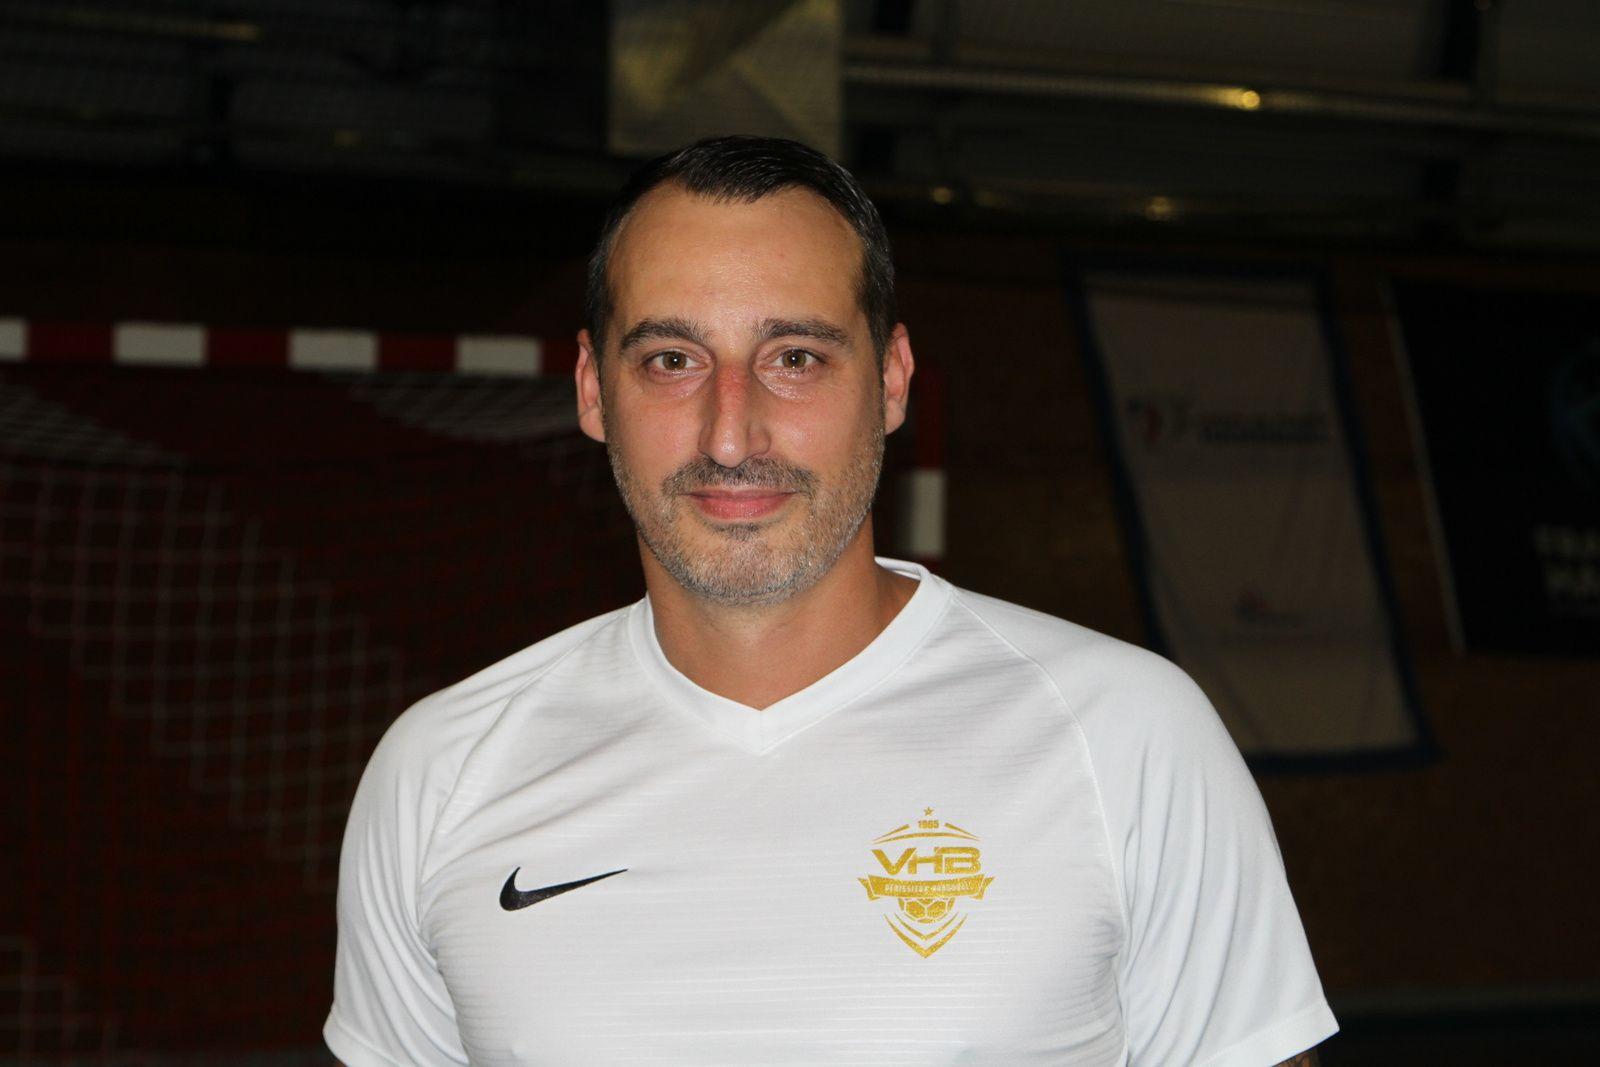 Olivier Odisio entraîneur de l'équipe de Nationale 2 de Vénissieux Handball